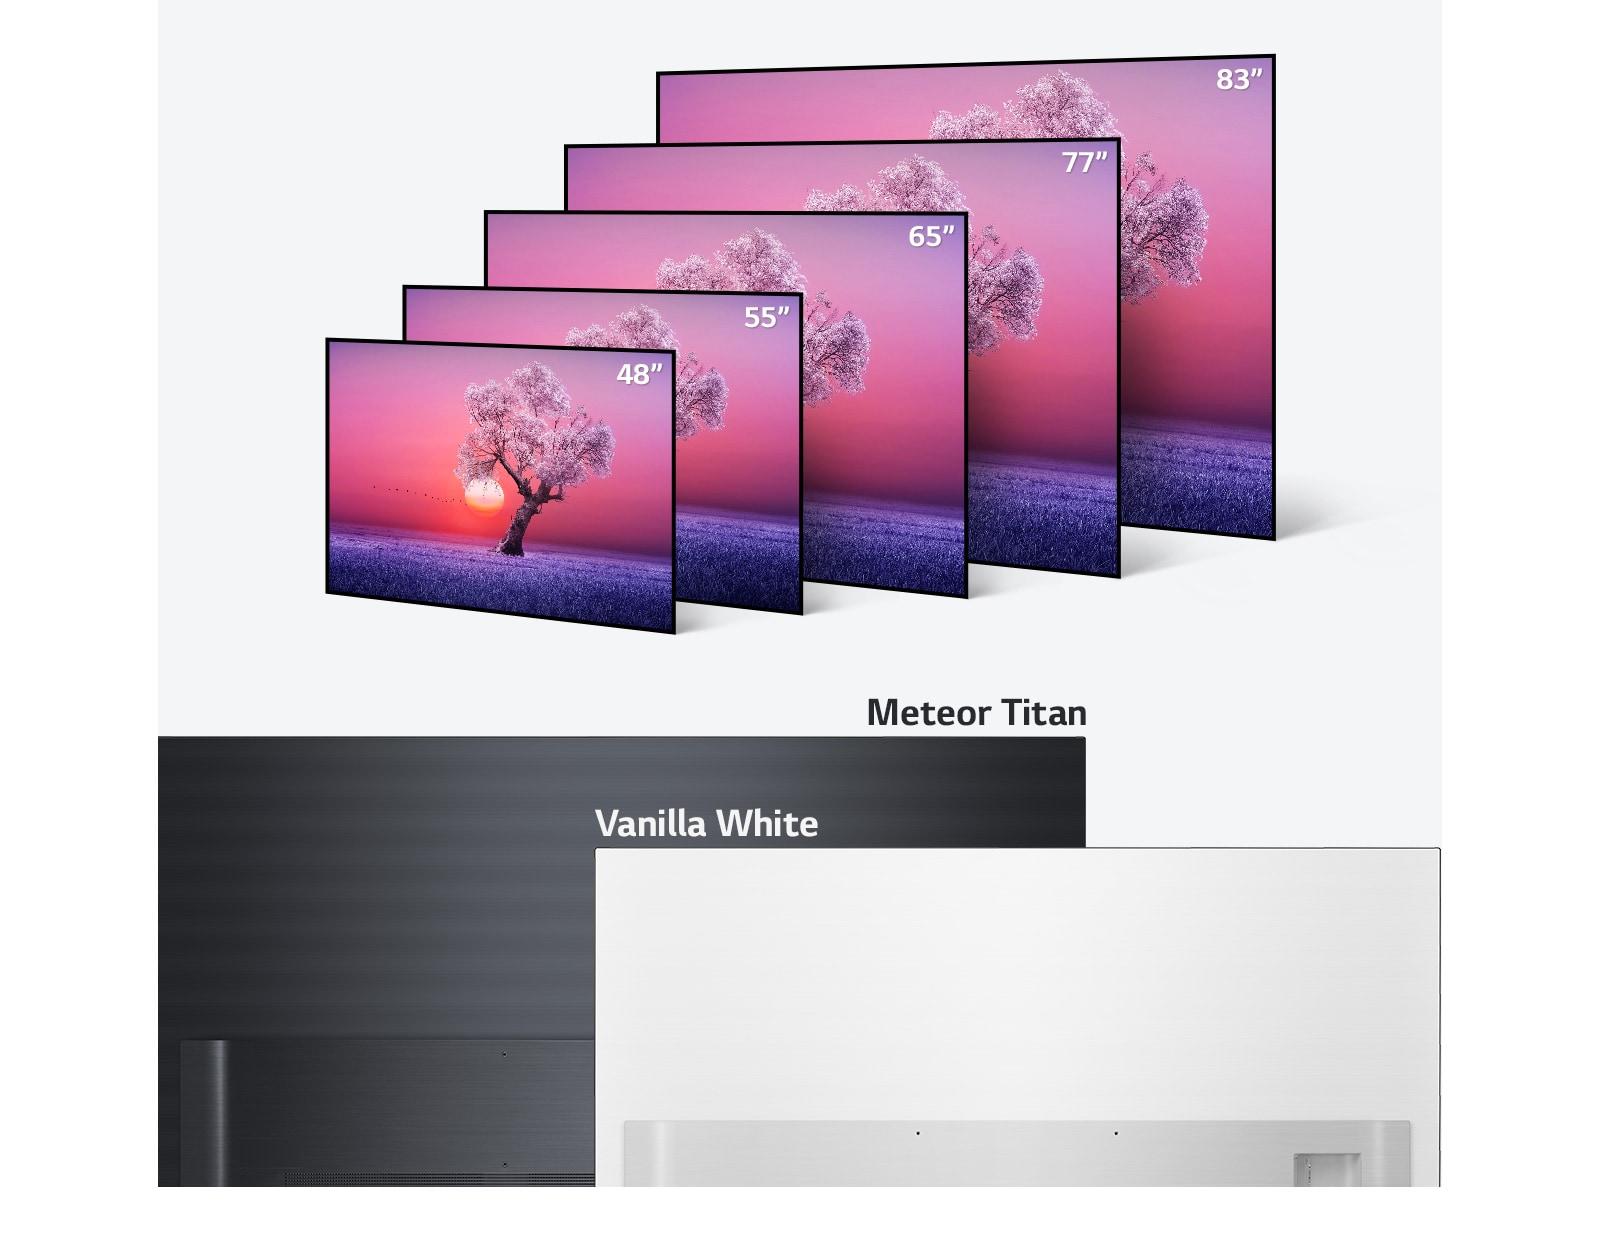 Линейка телевизоров LG OLED TV различных размеров от 48 до 83 дюймов, а также в светло-черном и ванильно-белом цвете.